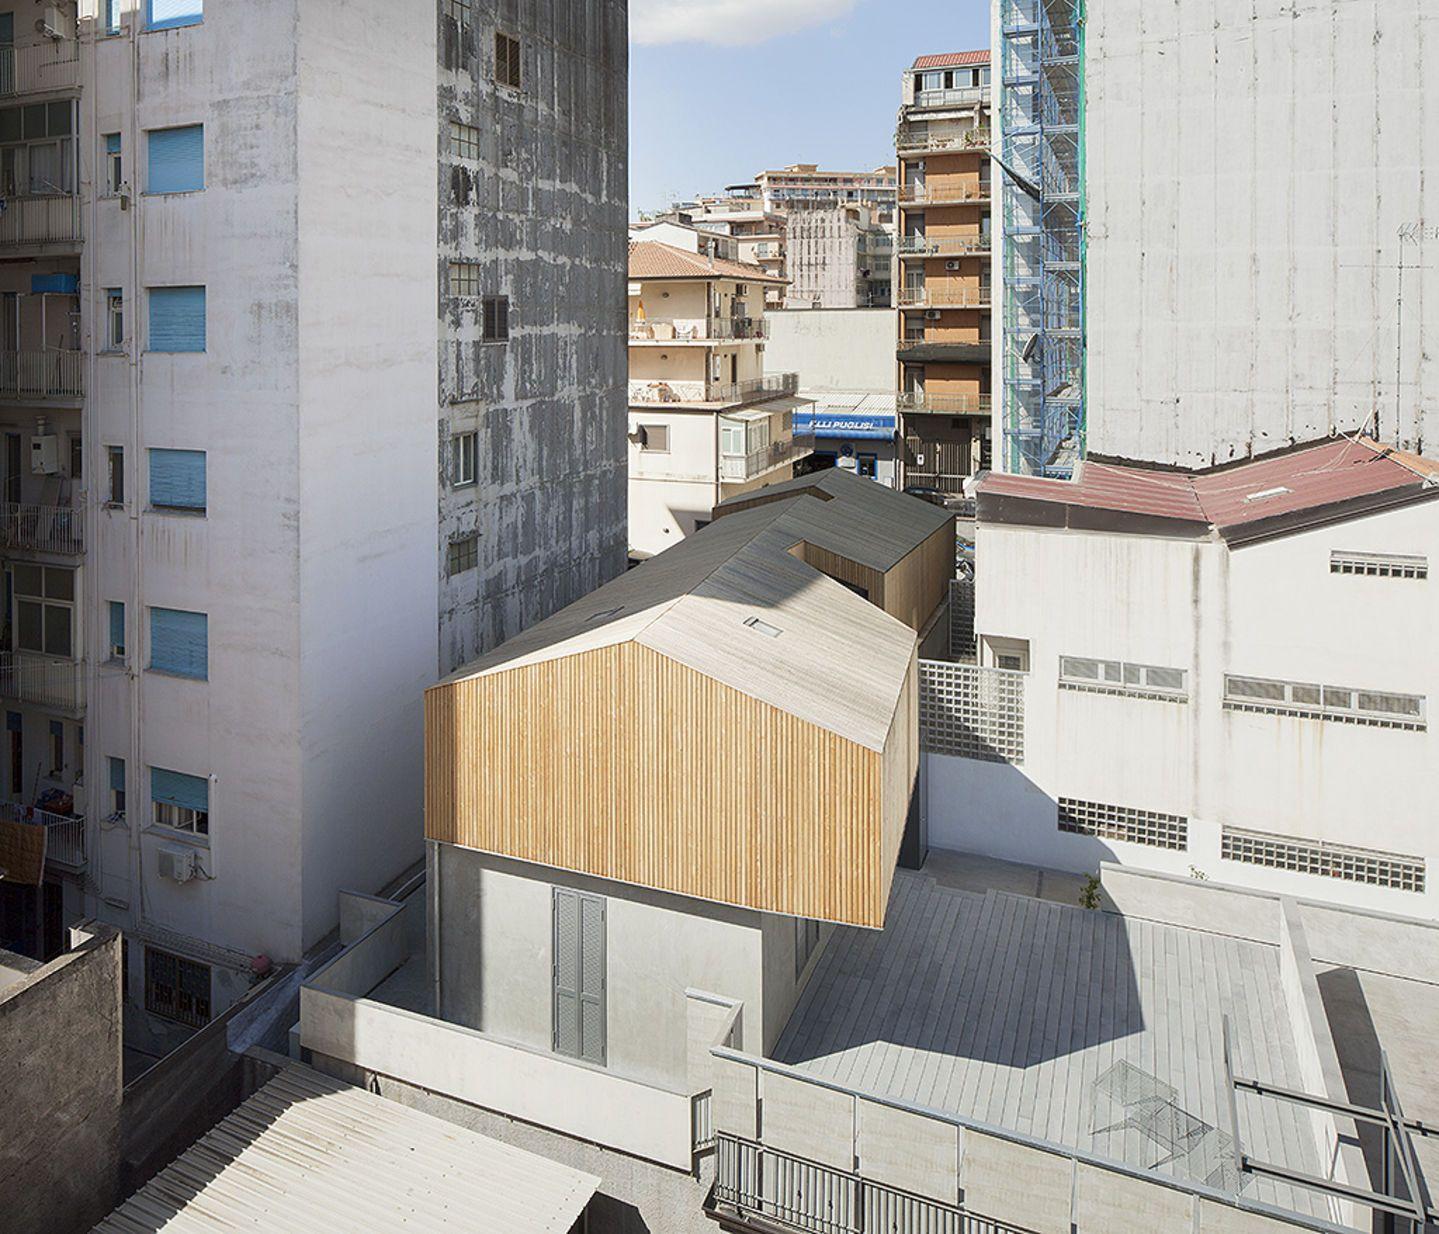 tuttiarchitetti, Salvatore Gozzo · Casa SG · Architettura italiana